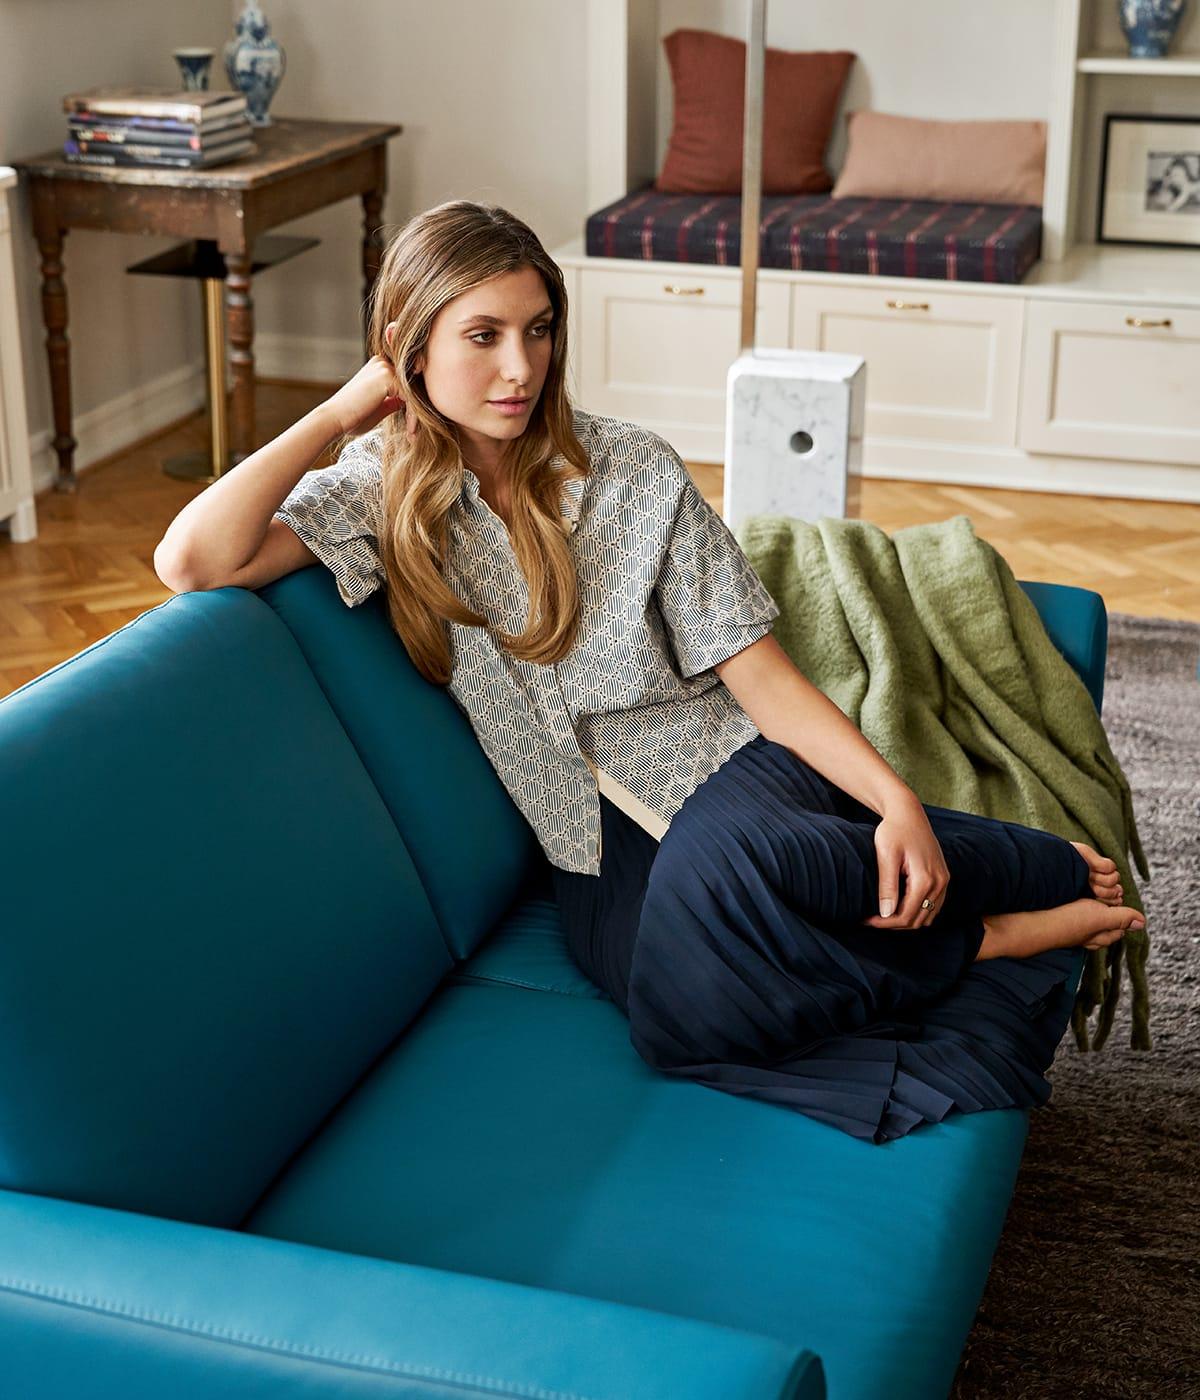 Jetzt beginnt die richtige Jahreszeit, um es sich auf seinem Stressless Sofa Joy bequem zu machen und gute norwegische Serien zu schauen.